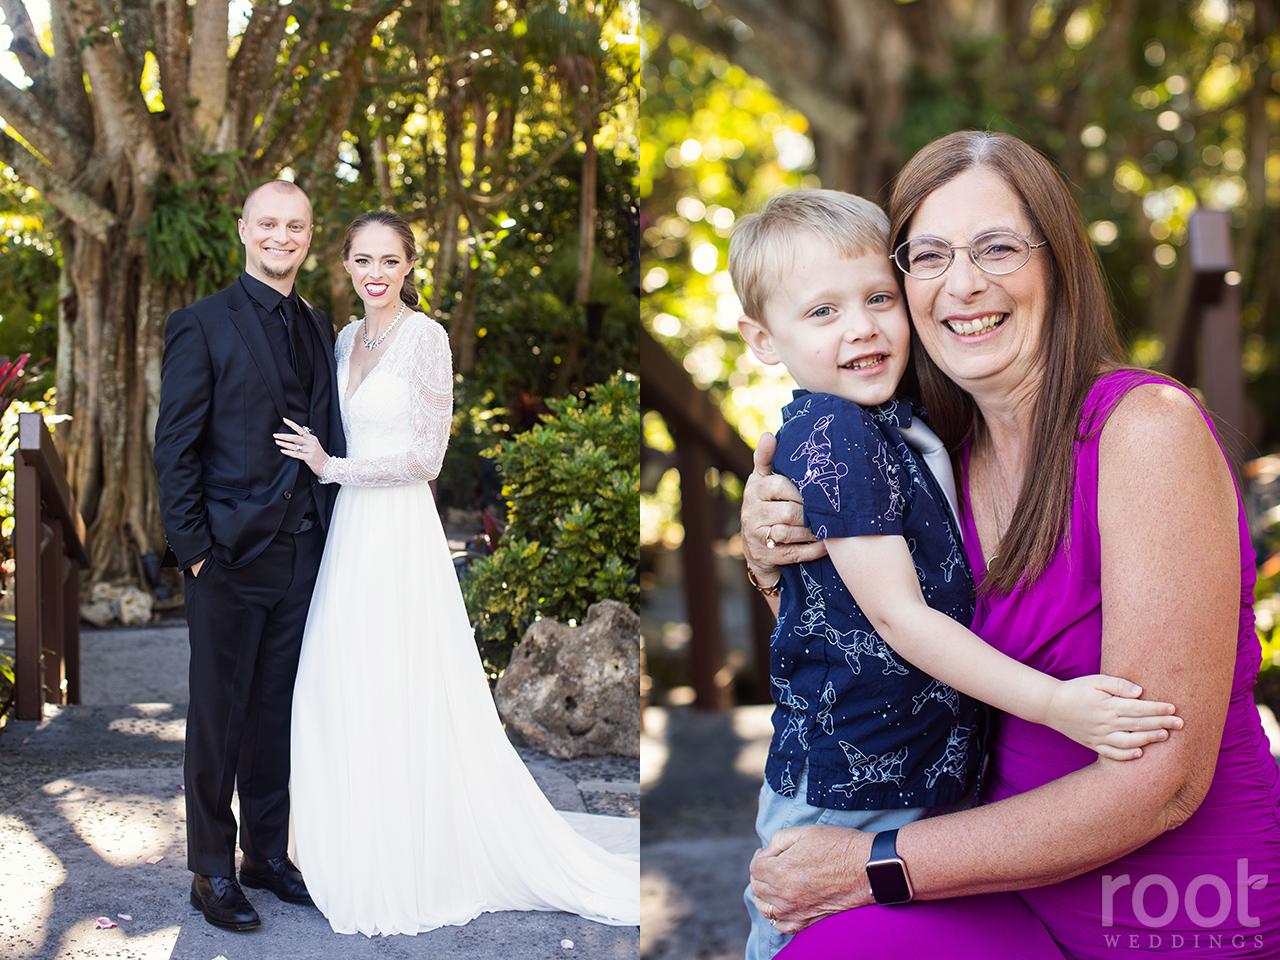 Family photos at a Disney wedding